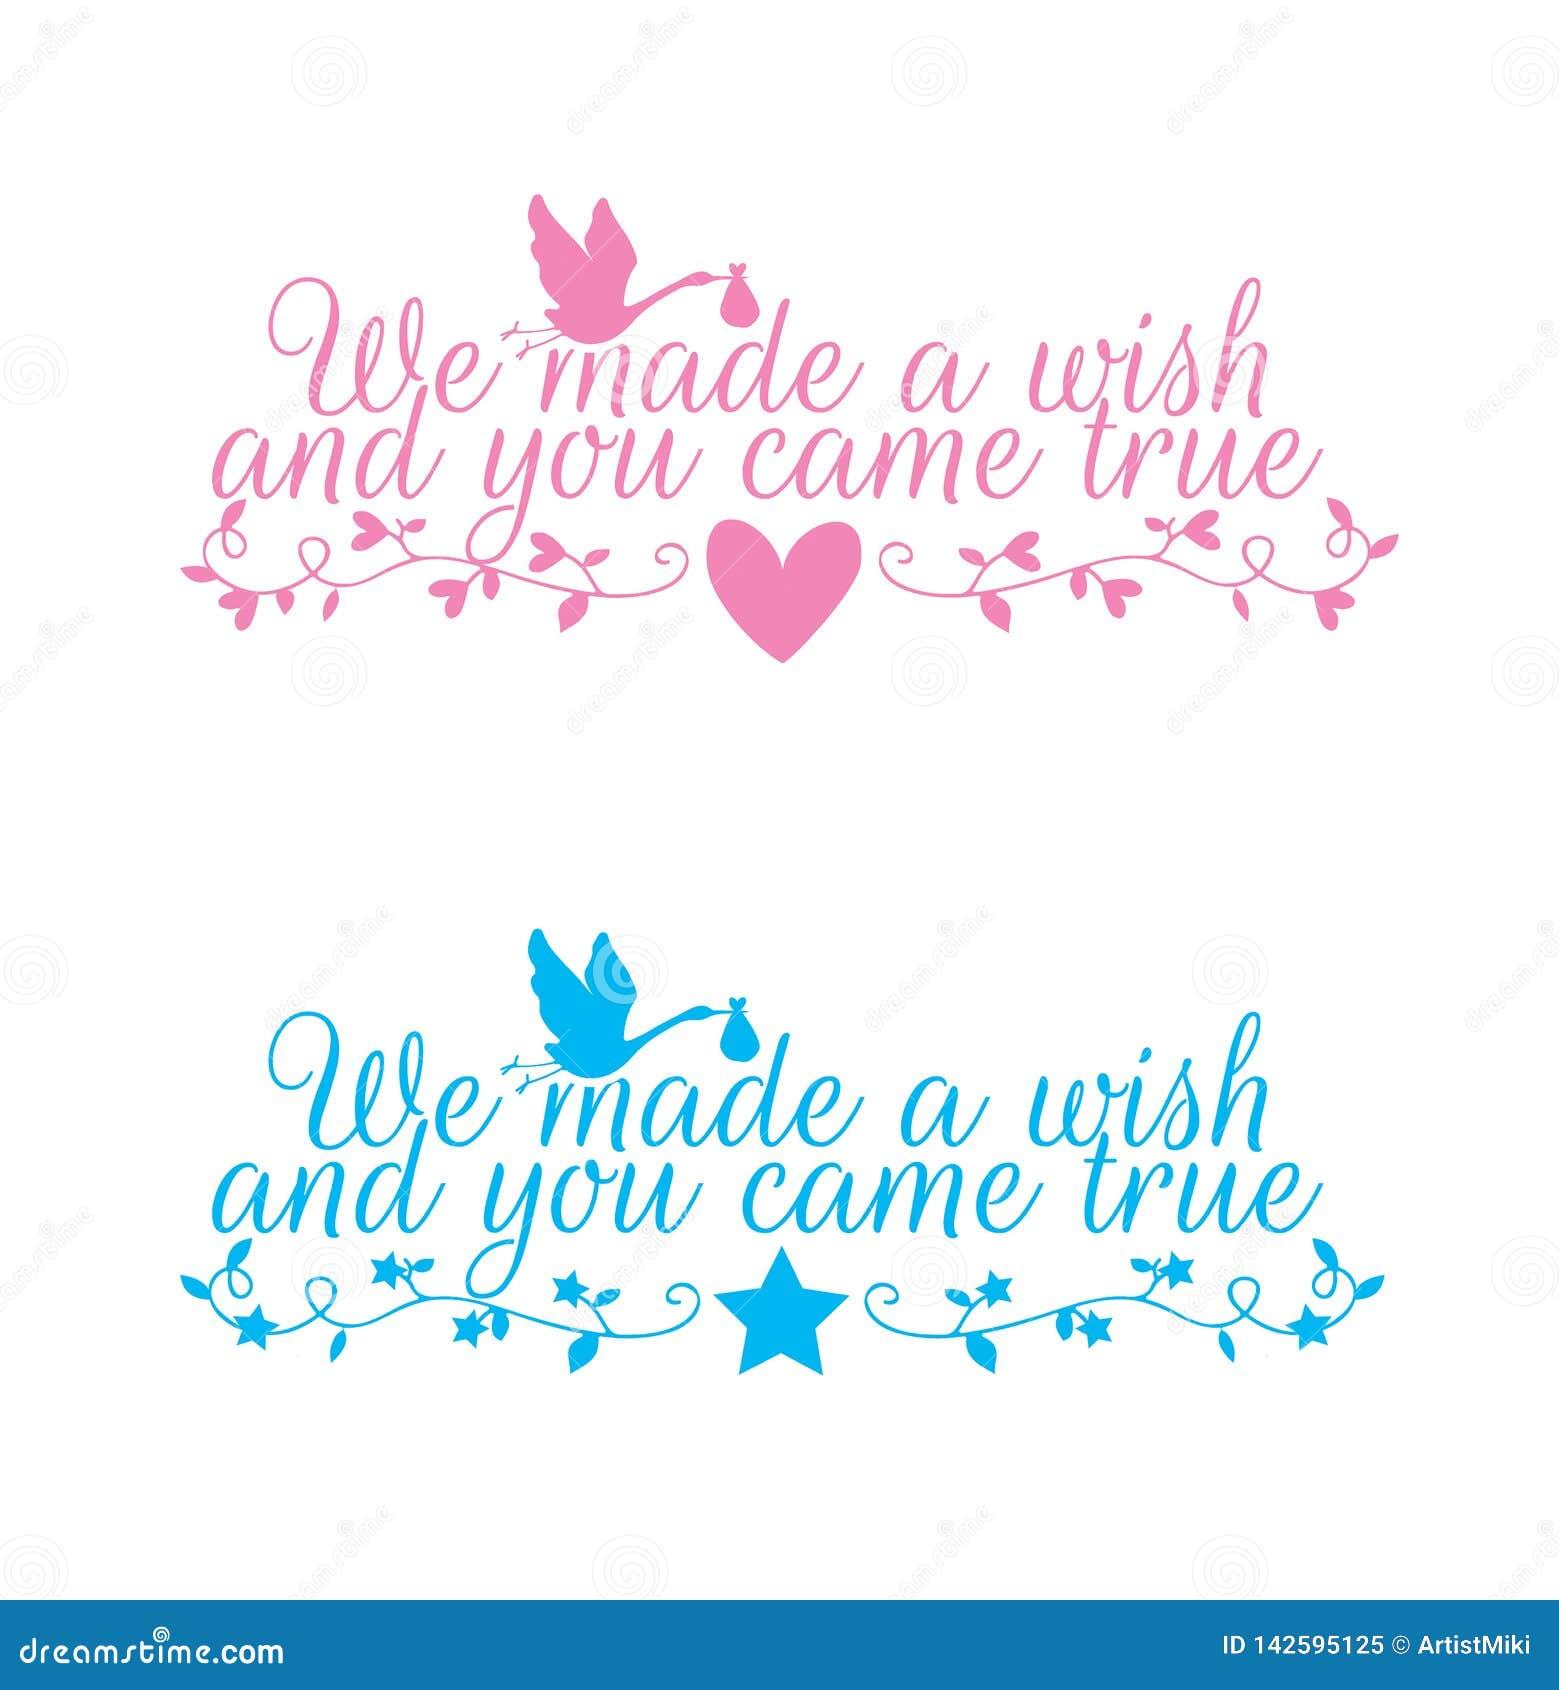 Las etiquetas vector de la pared de los niños, hicimos un deseo y usted vino verdad, redactando diseño